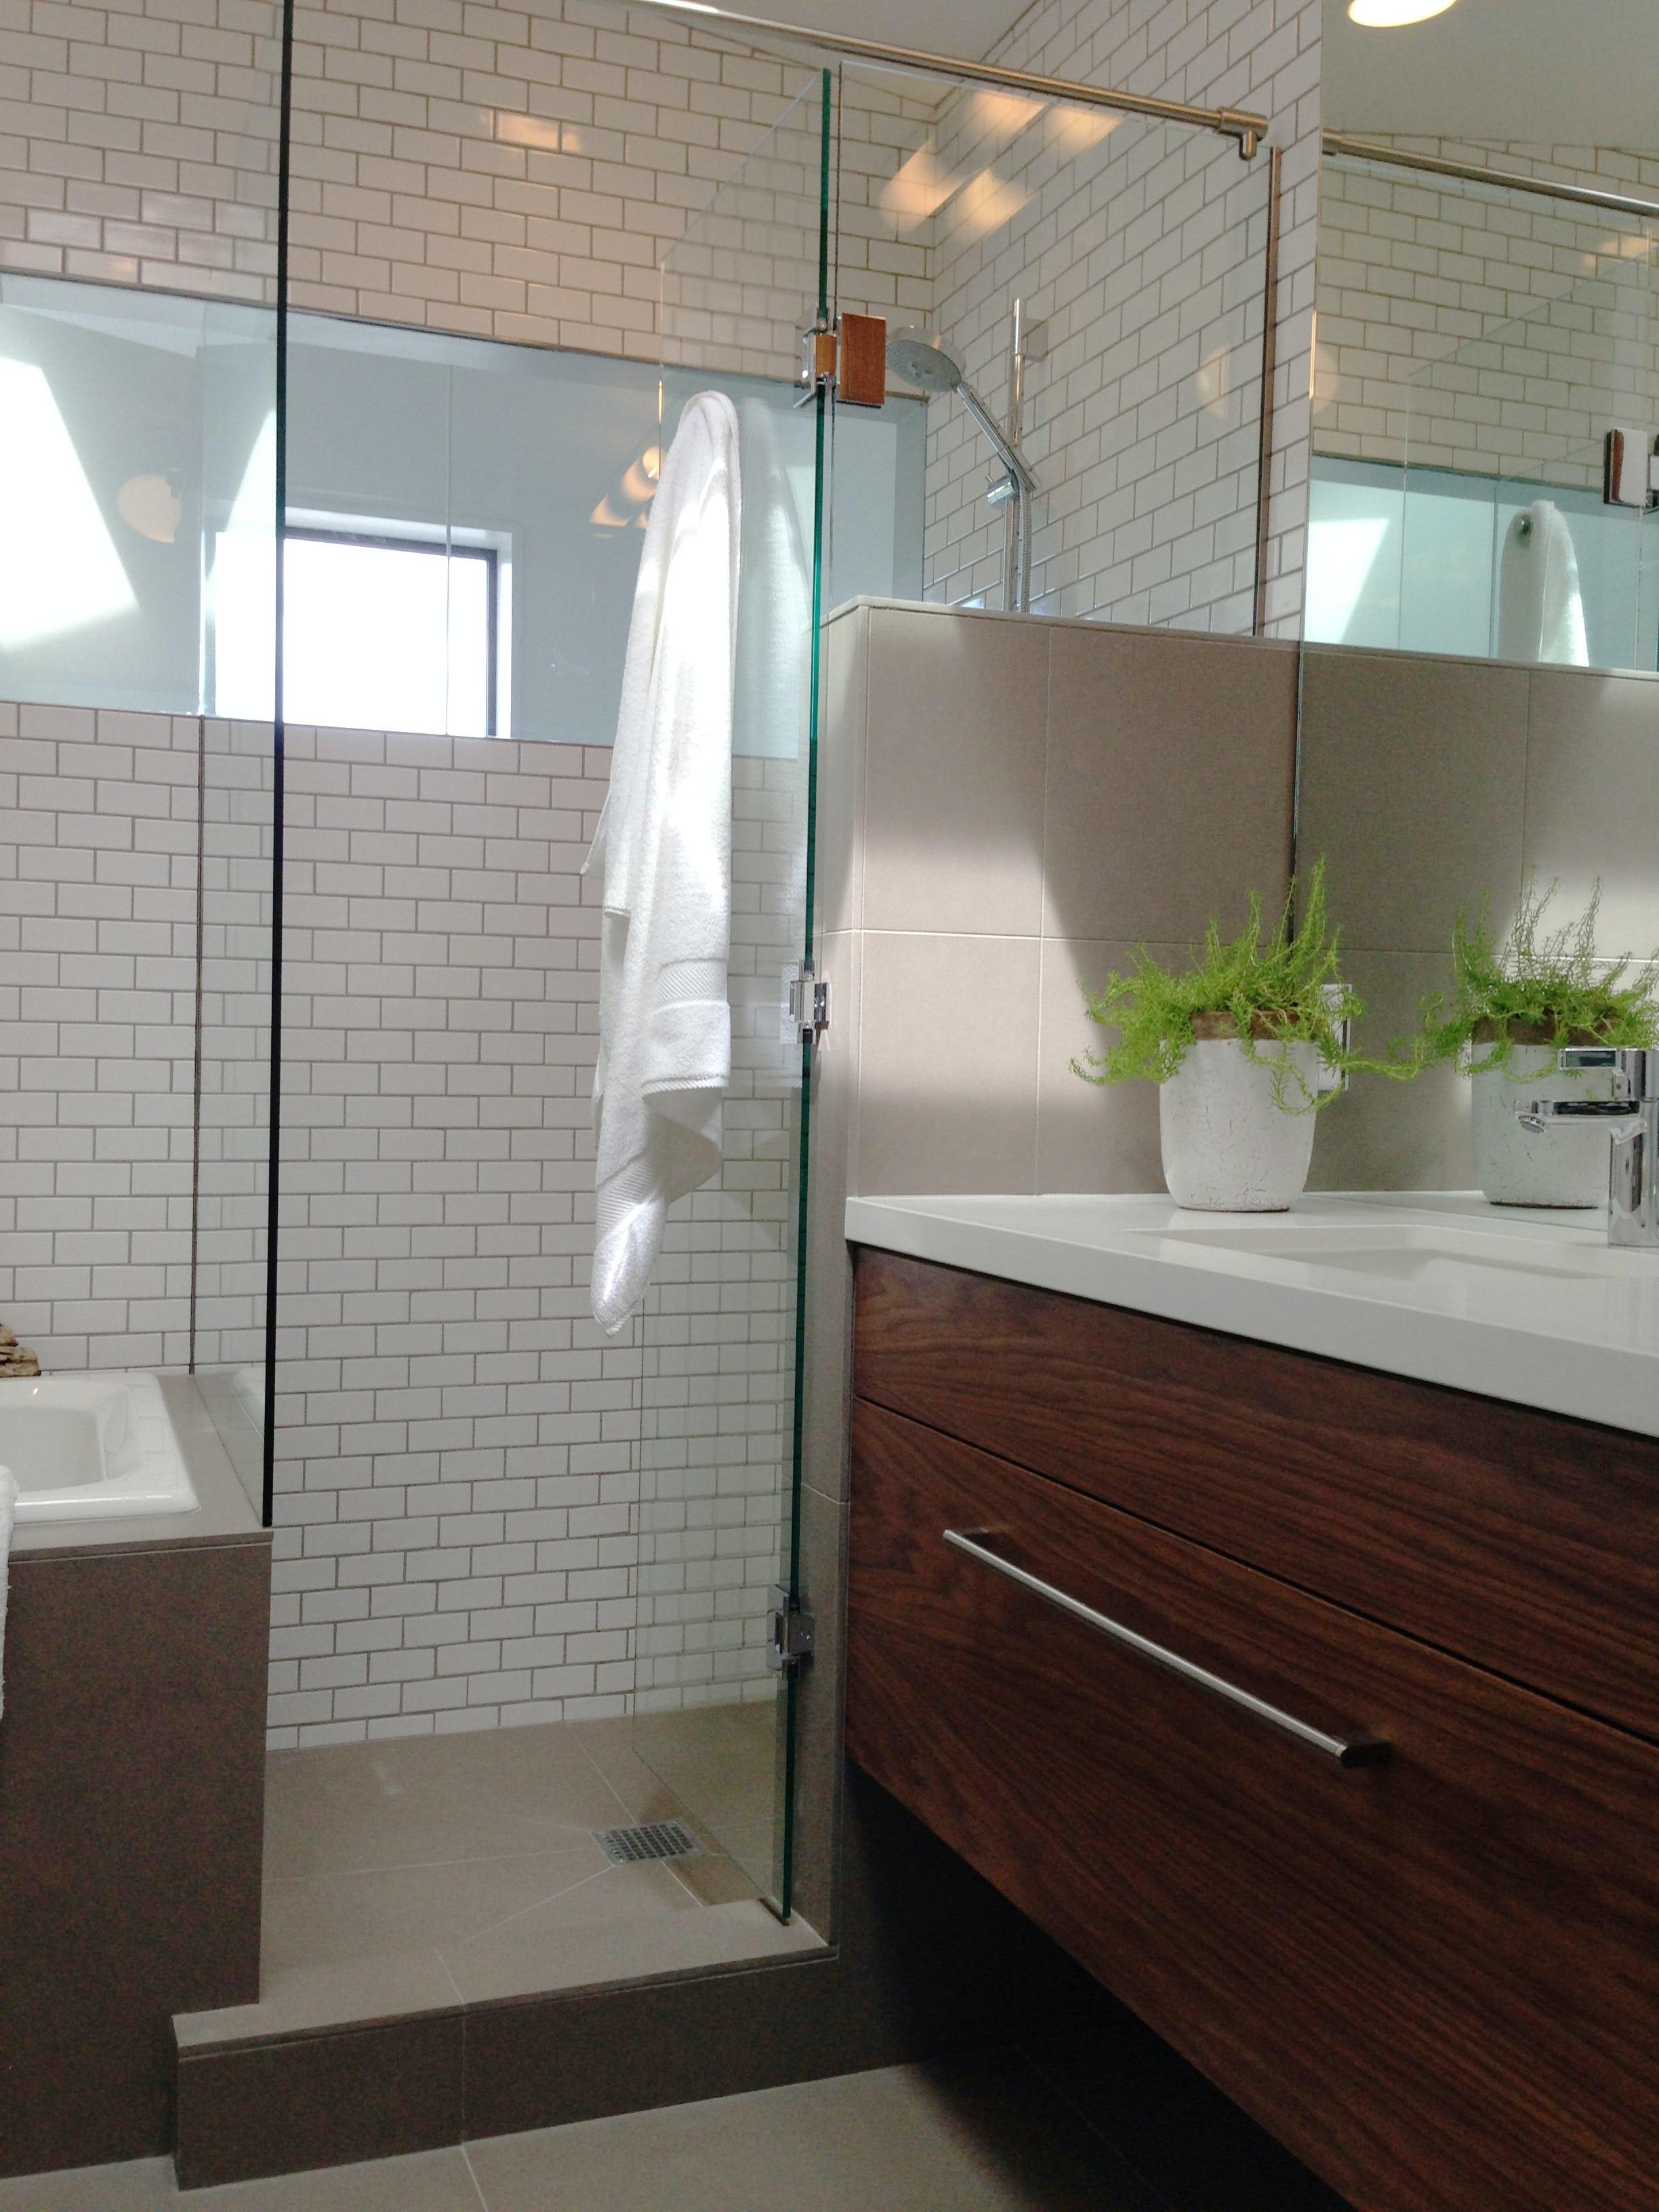 Builtform construction  steelhouse1 2 wood tile modern bathroom